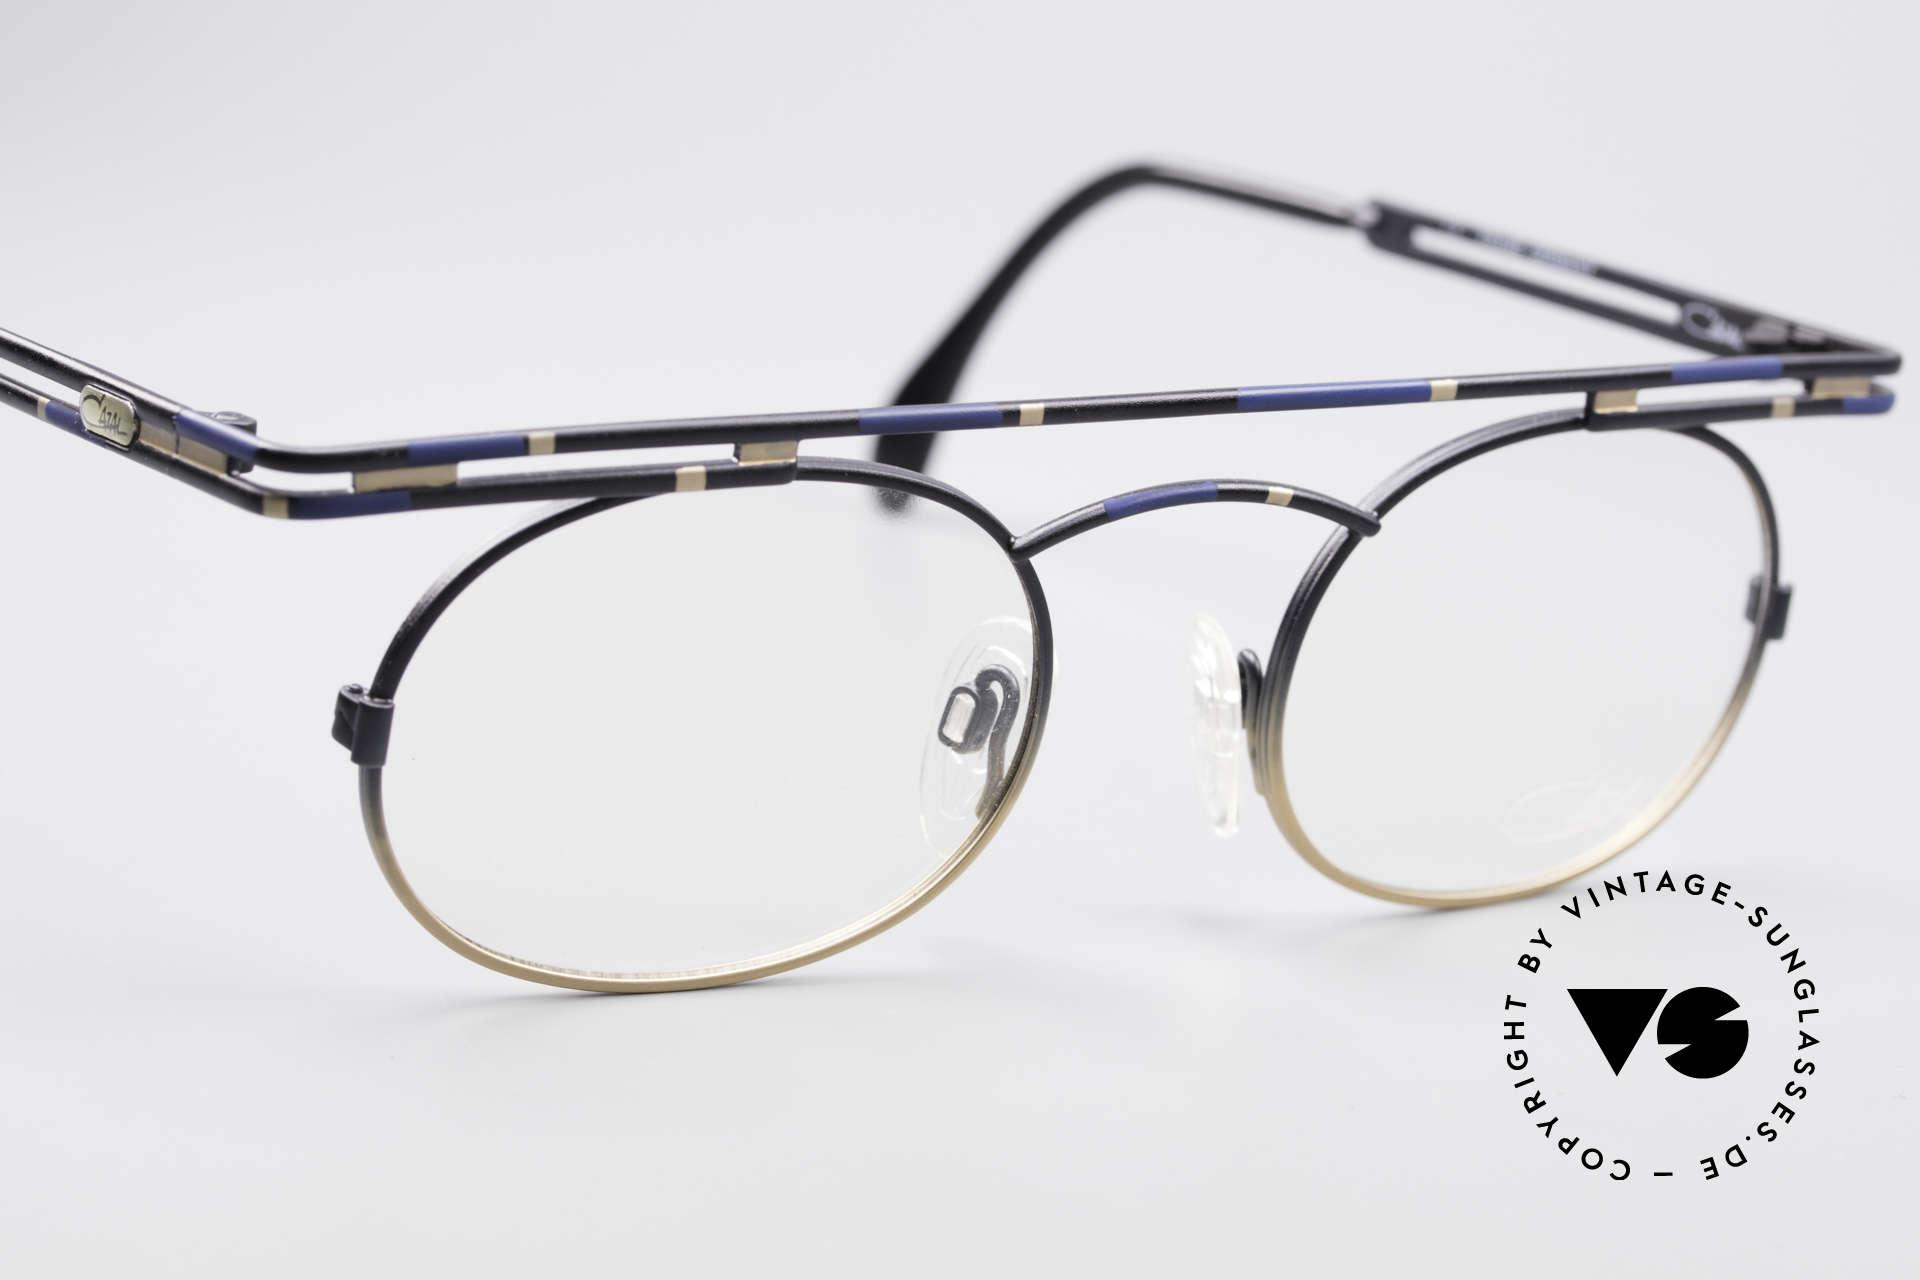 Cazal 761 Echte Vintage Brille KEIN Retro, KEINE RETRObrille; eine echte VINTAGE Brille, Passend für Herren und Damen